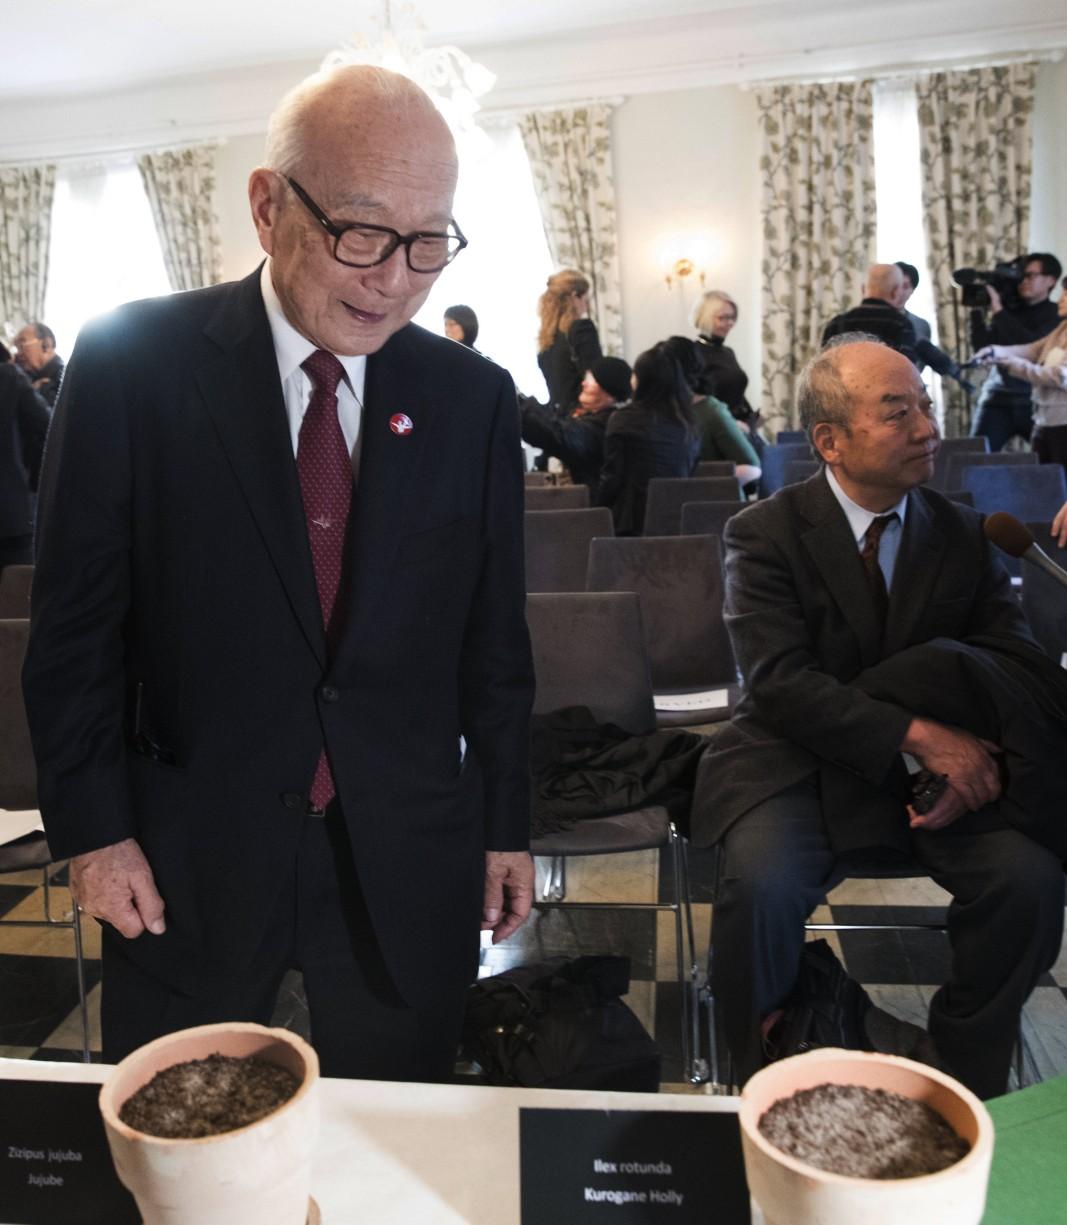 Осло, Норвегия, 2017 г. Оцелелият от Хирошима Танака Теруми разглежда саксии с пръст и семена от оцелелите дървета. Снимка: ЕПА/БГНЕС